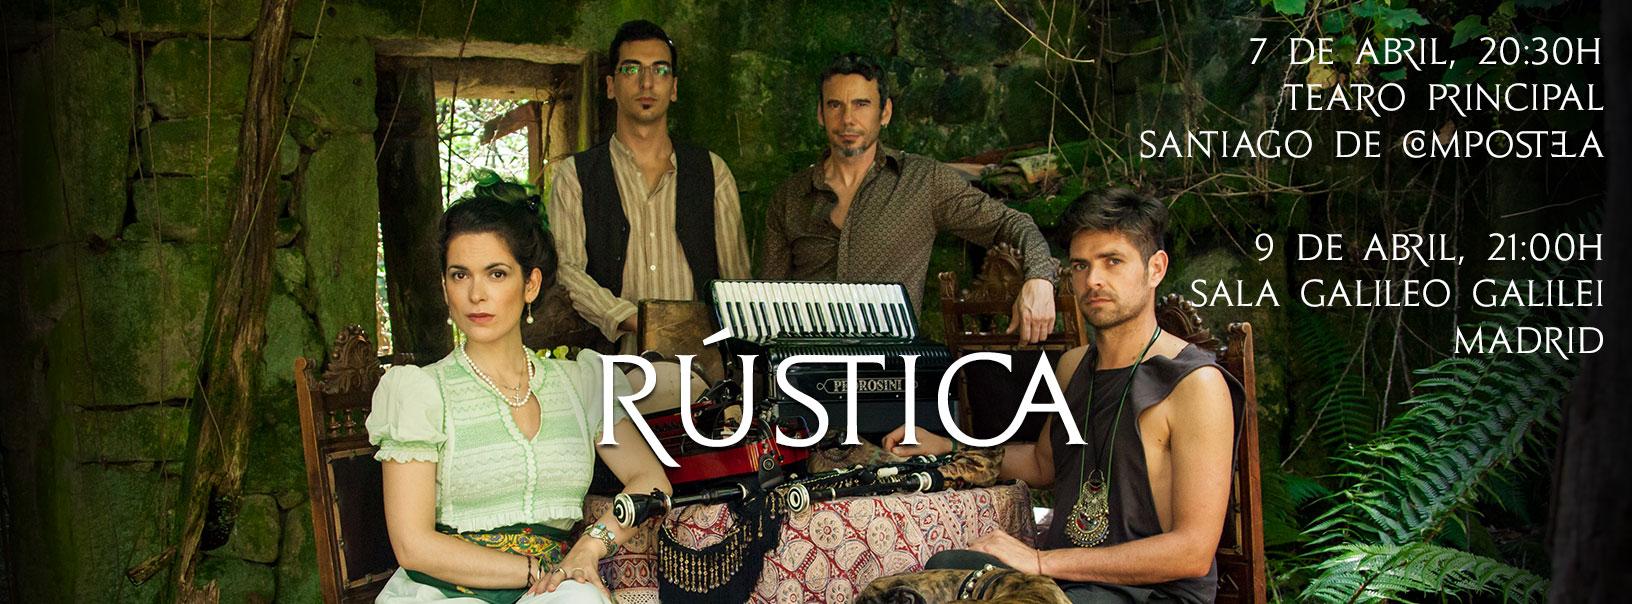 banner_rustica